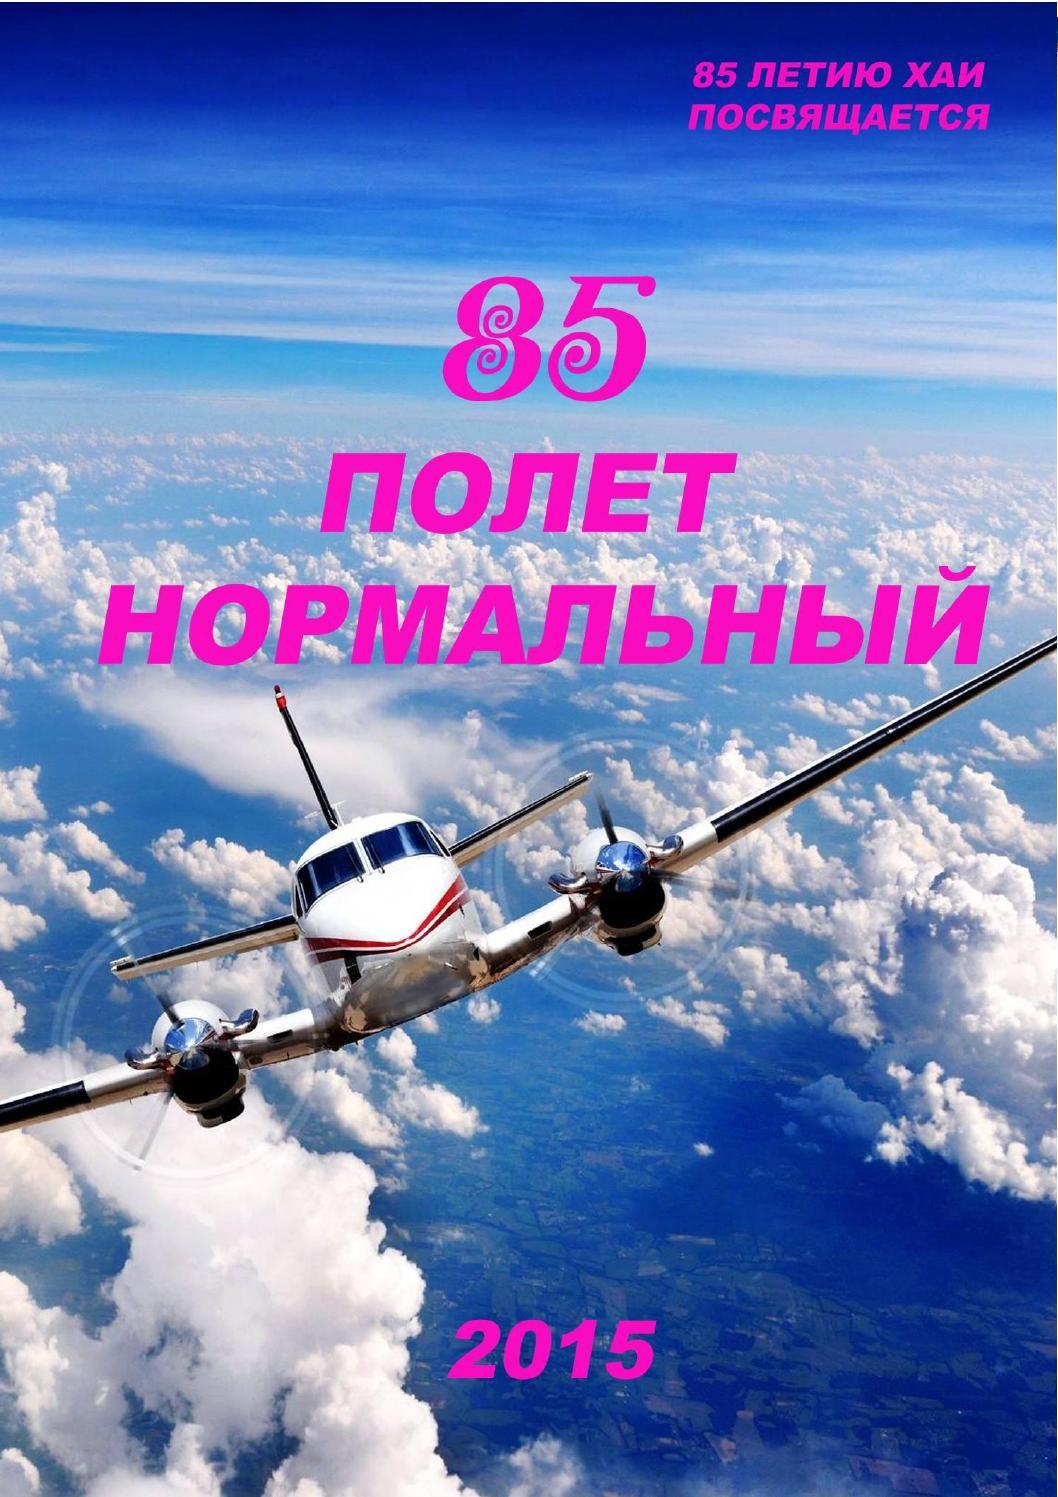 Харьковские общежития при вузах: условия, цены - Харьков Vgorode.ua | 1497x1058